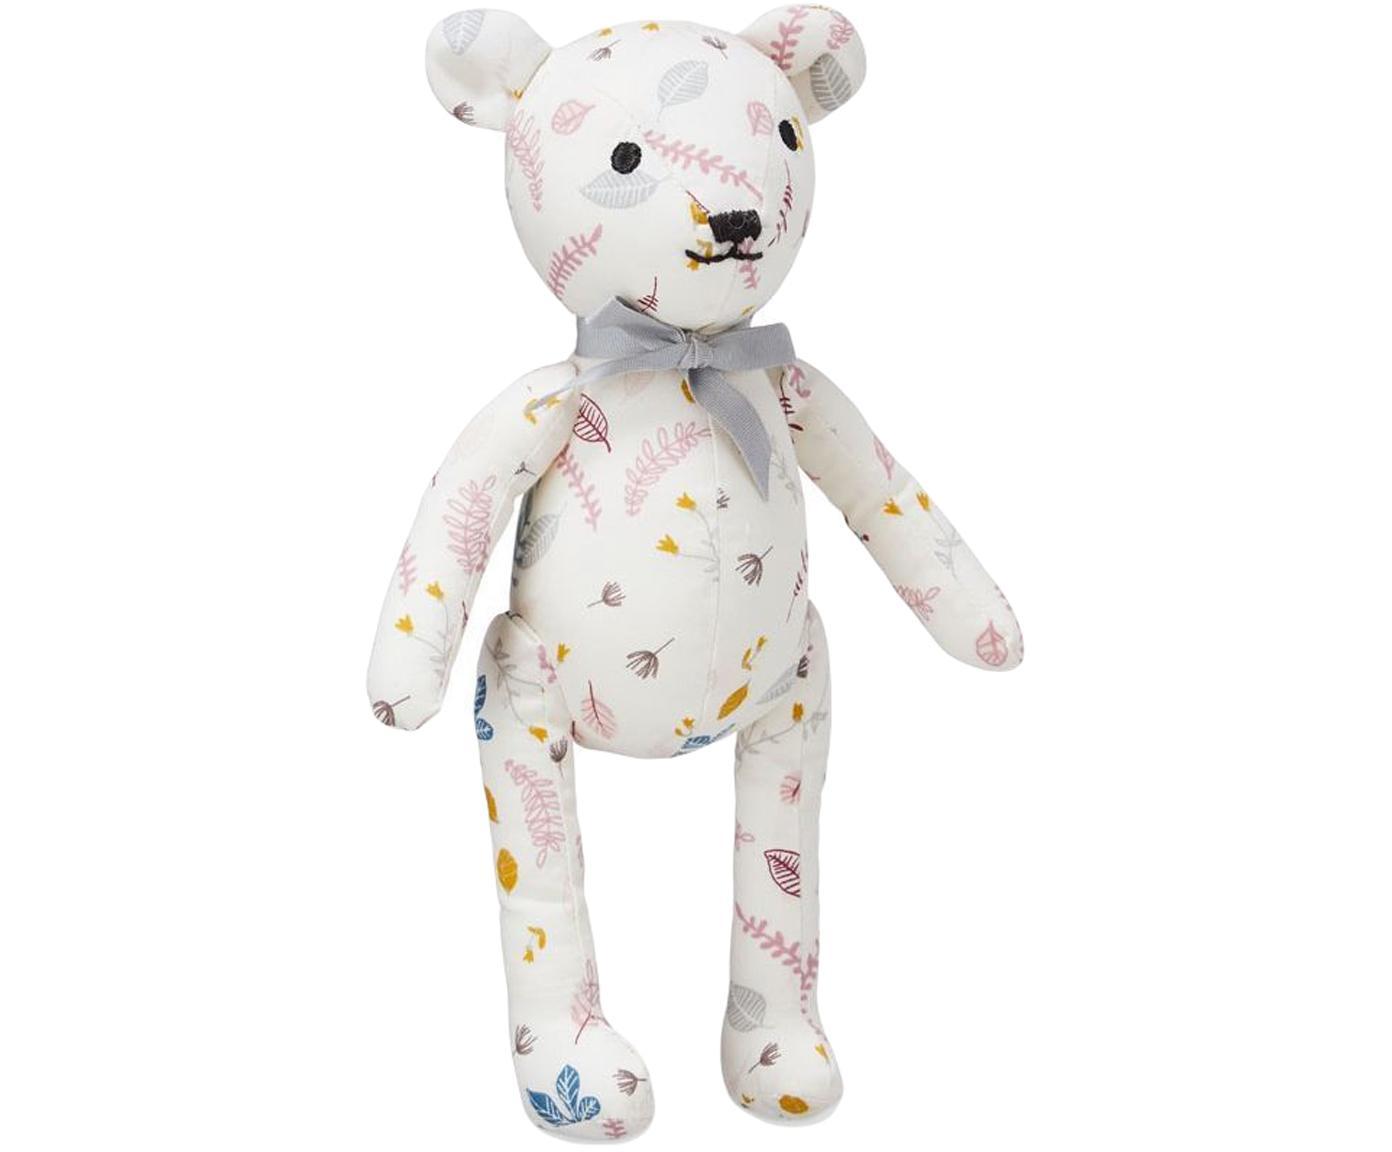 Peluche orsetto in Bio cotone Teddy, Rivestimento: bio cotone, certificato O, Bianco, tonalità rosa, giallo, Larg. 14 x Alt. 28 cm